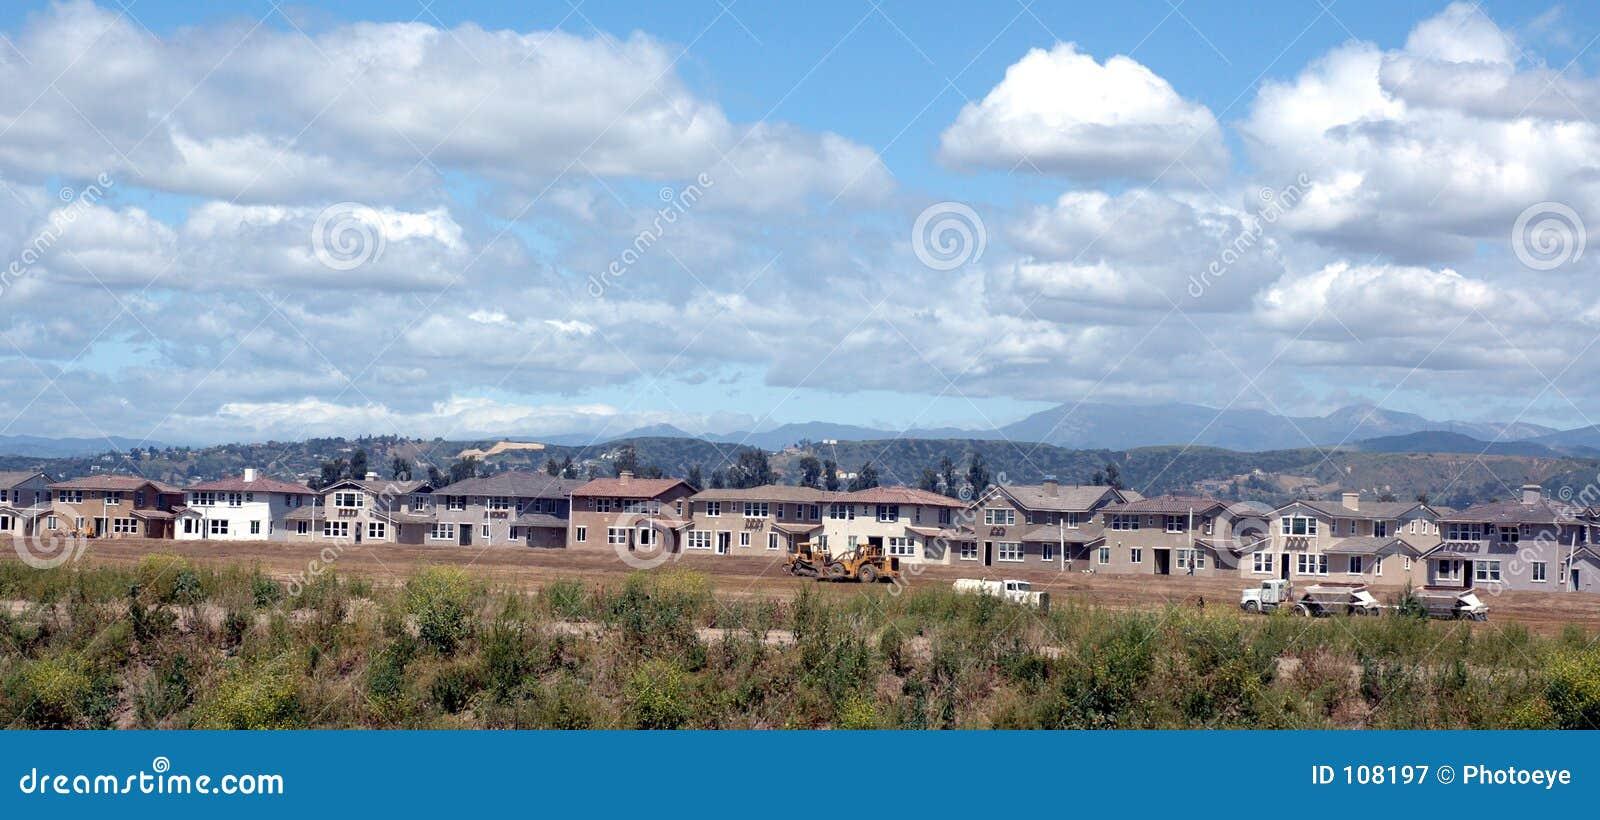 HOME que estão sendo construídas